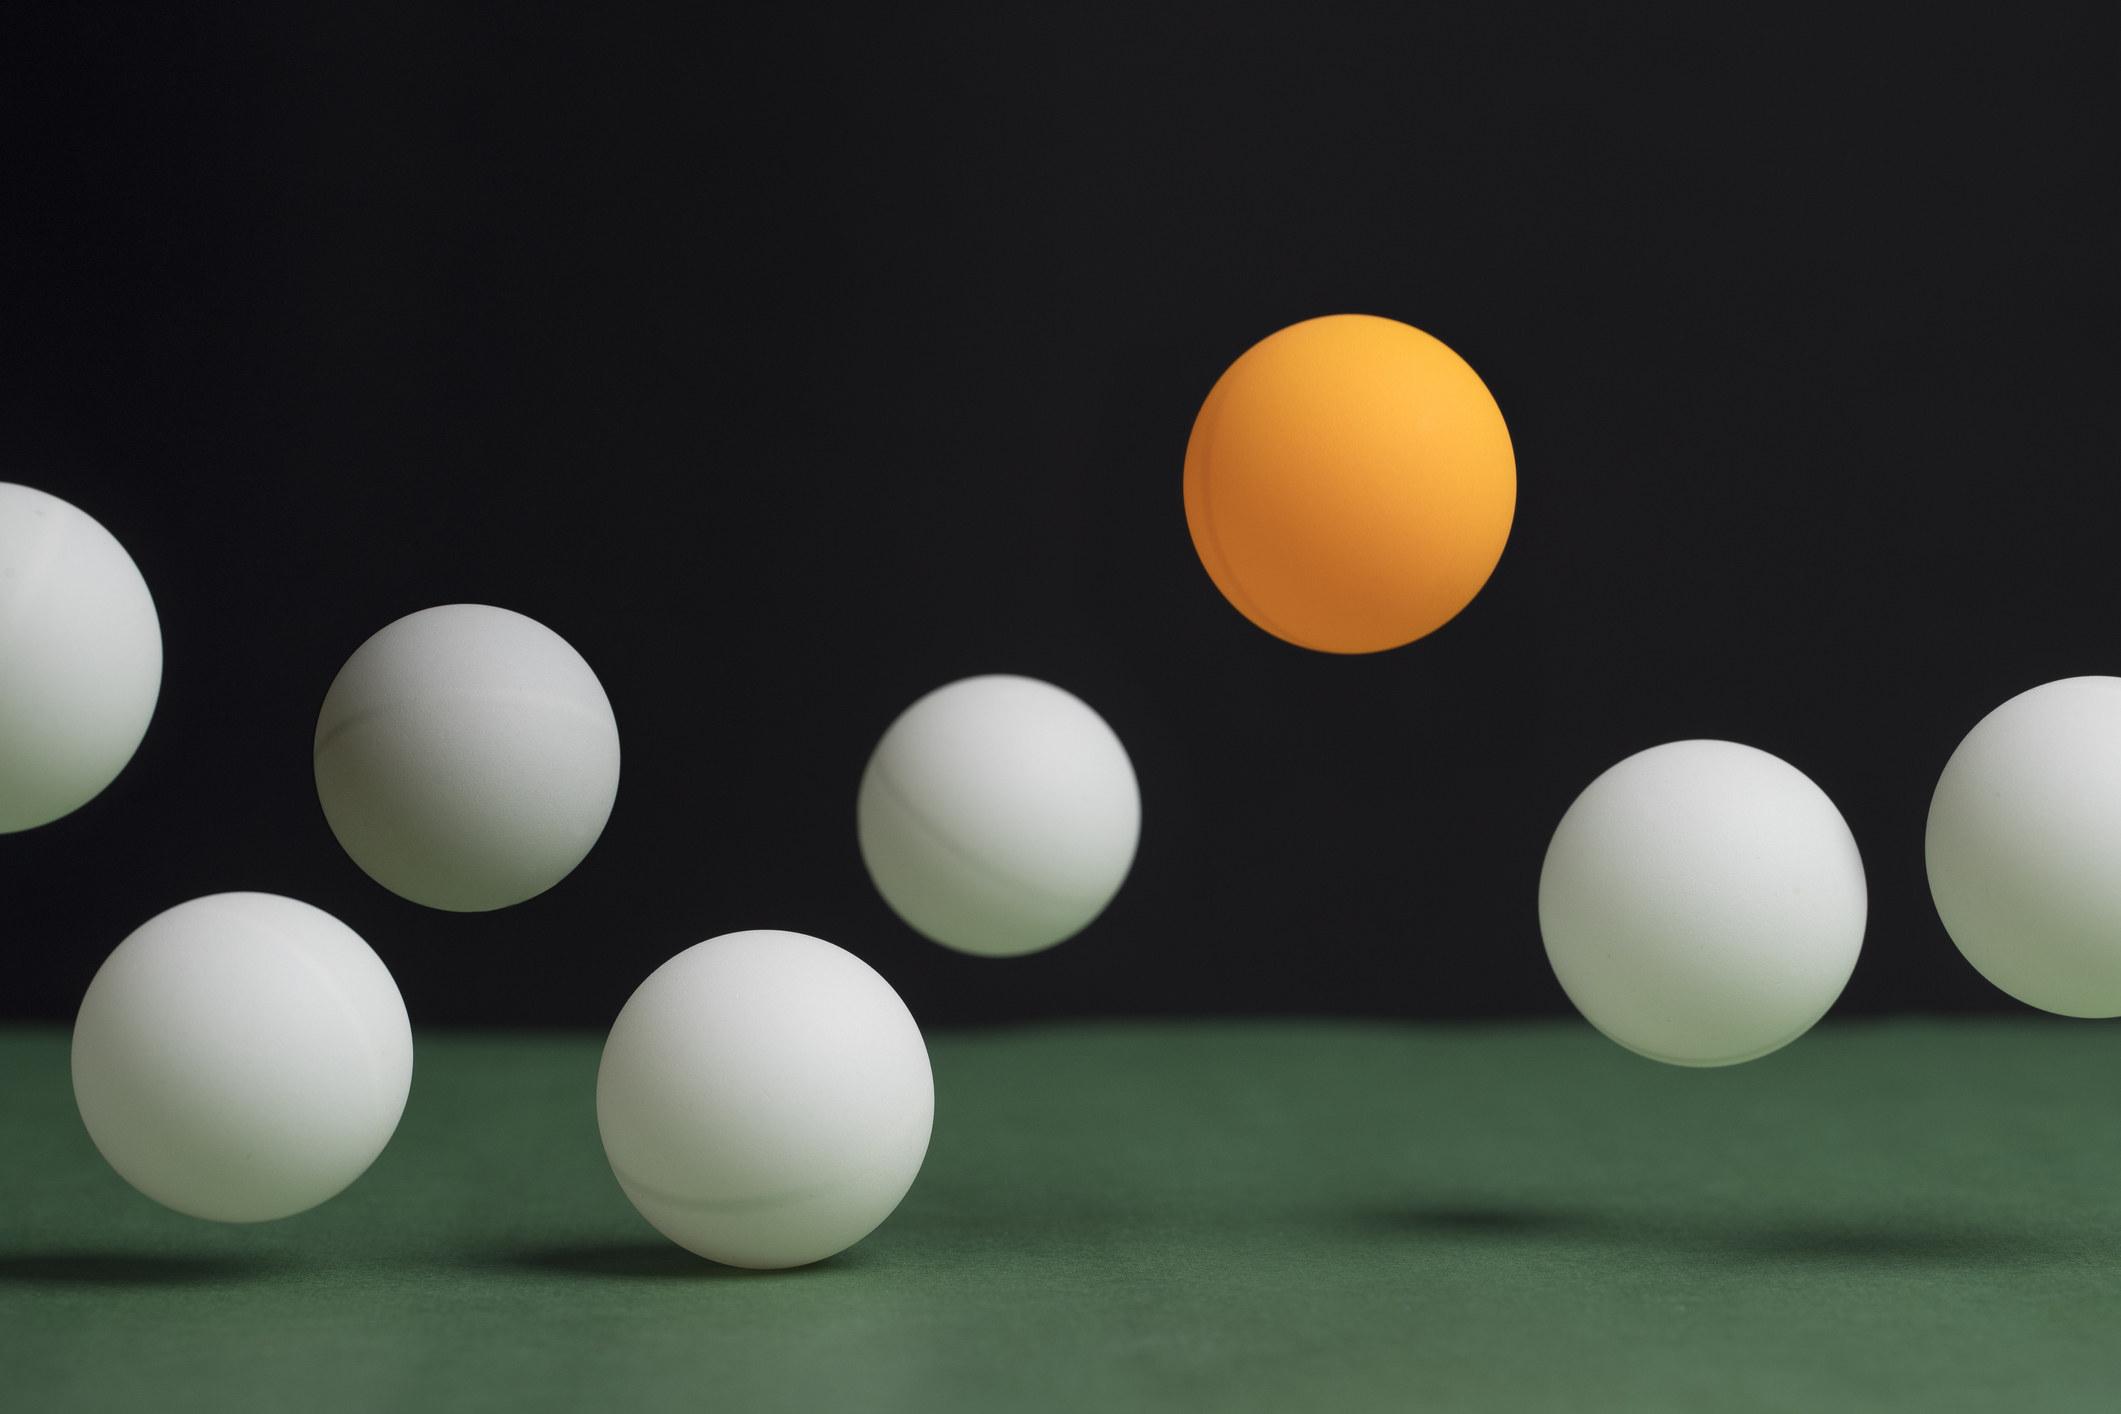 Ping pong balls bouncing